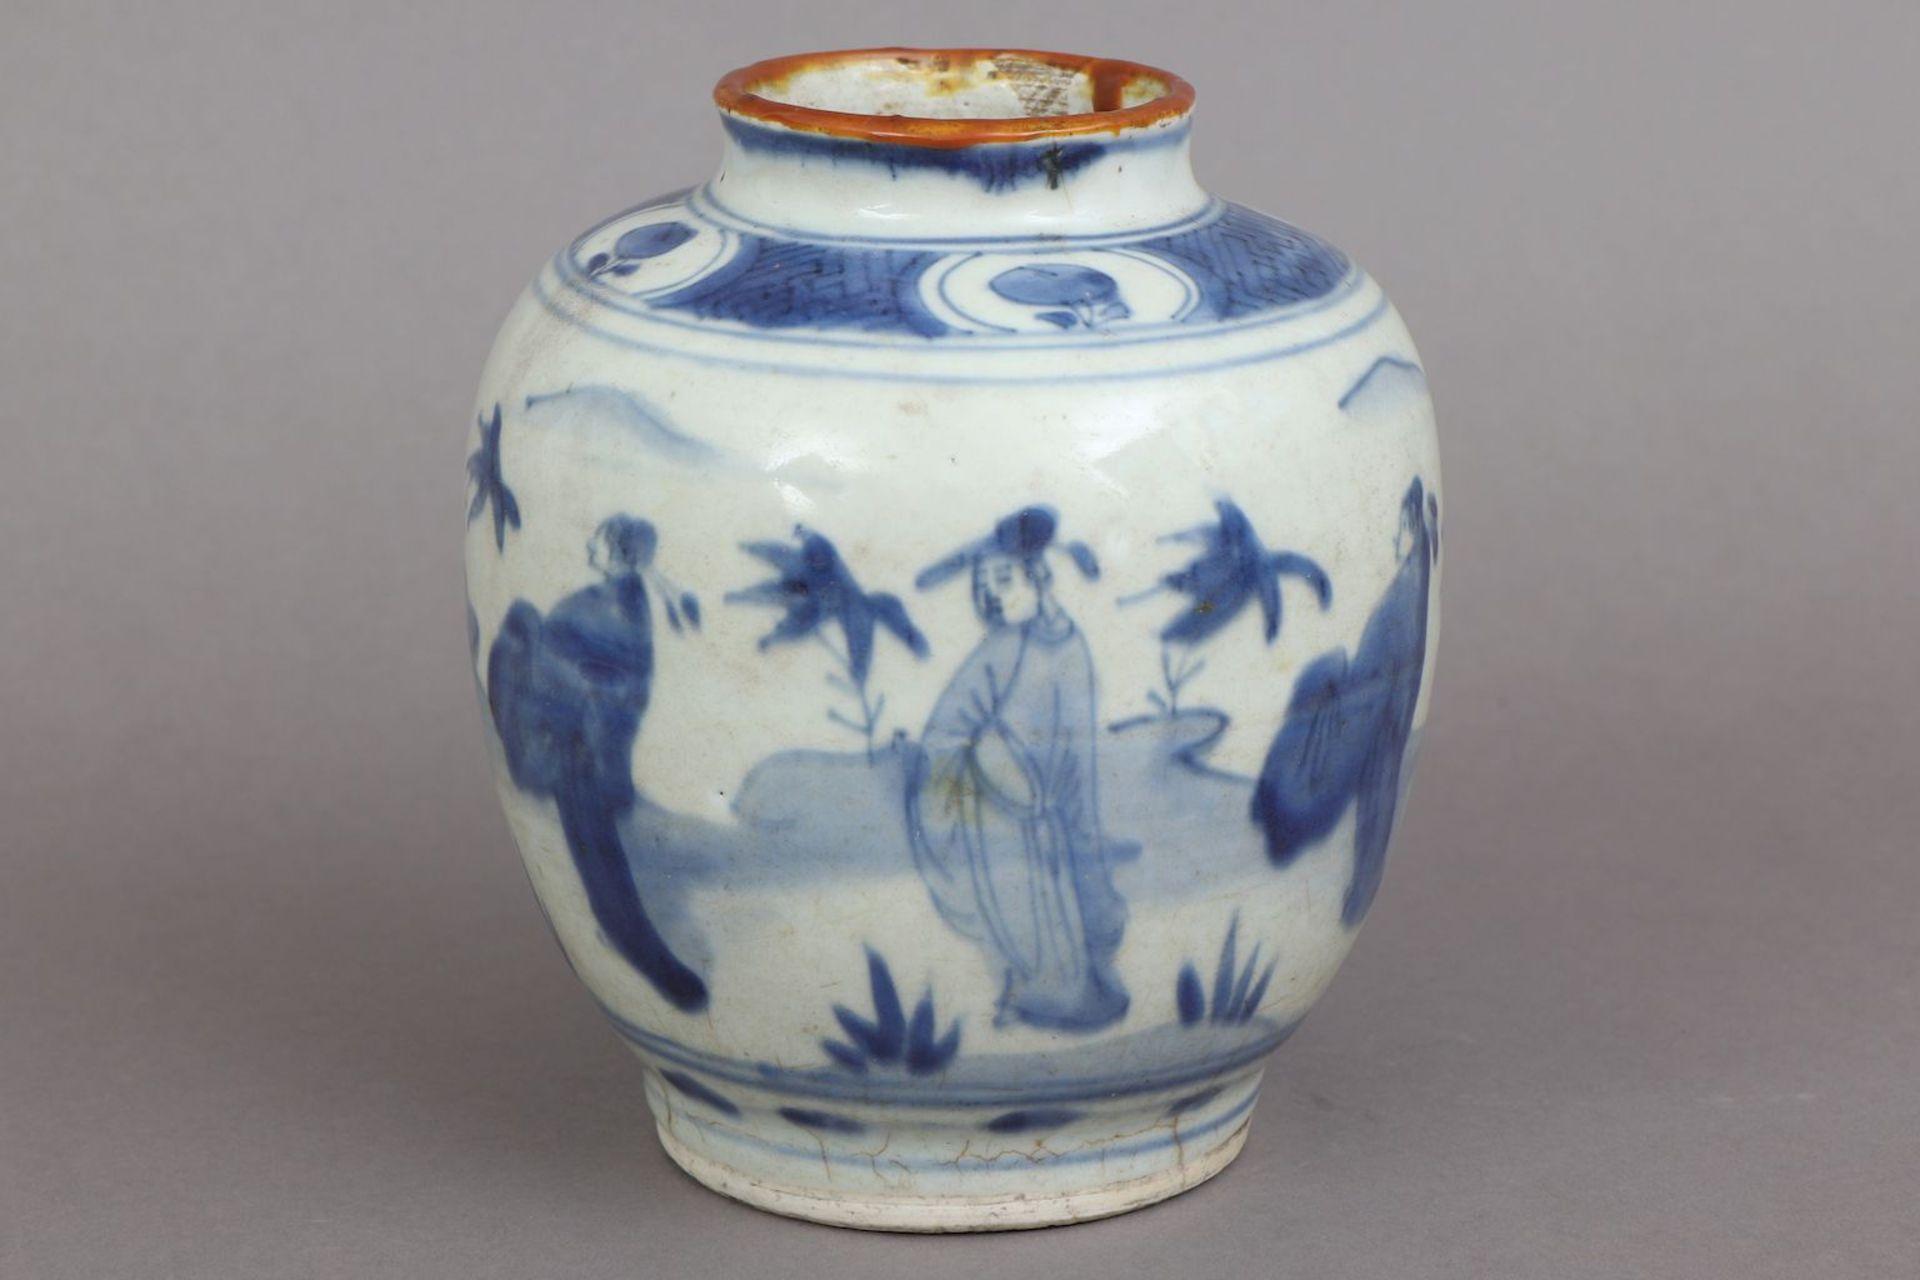 Chinesisches Vorratsgefäß/Ingwertopf der Ming Dynastie (1368-1644) - Image 2 of 5